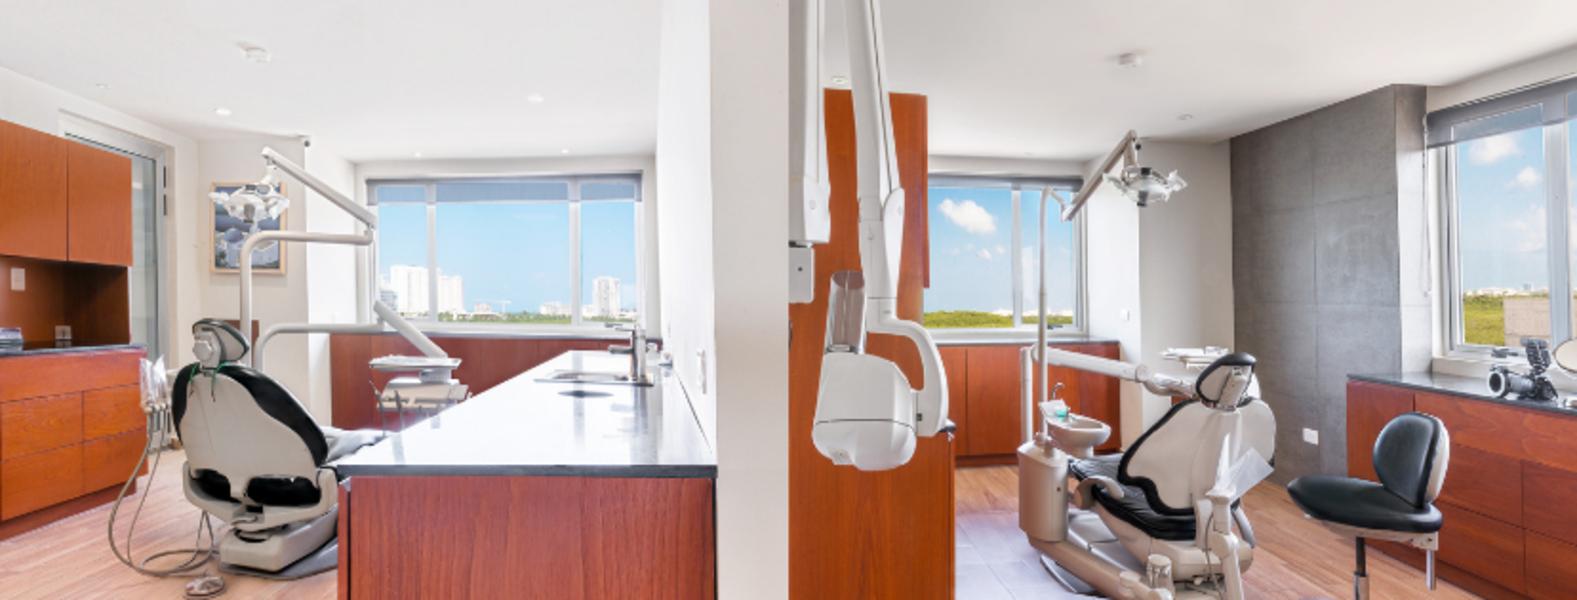 Dentaris - Centre for Dental Excellence Cancun